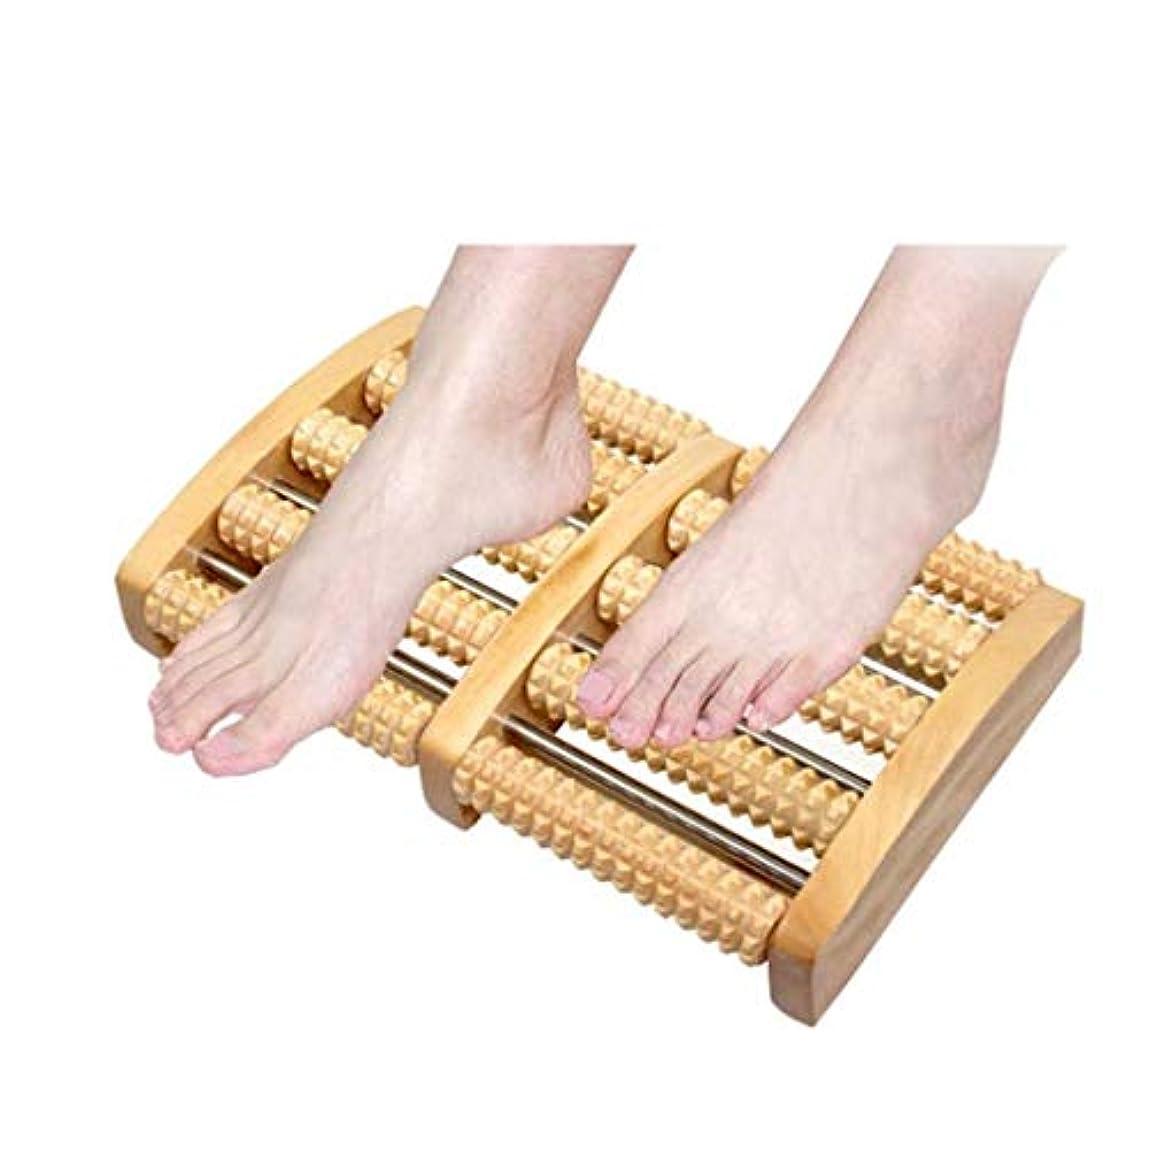 何か透明に徐々にフットマッサージ、木製フットマッサージローラー-足底筋膜炎、かかと、アーチの痛みを和らげます-指圧マッサージでストレスを緩和 (Color : A)